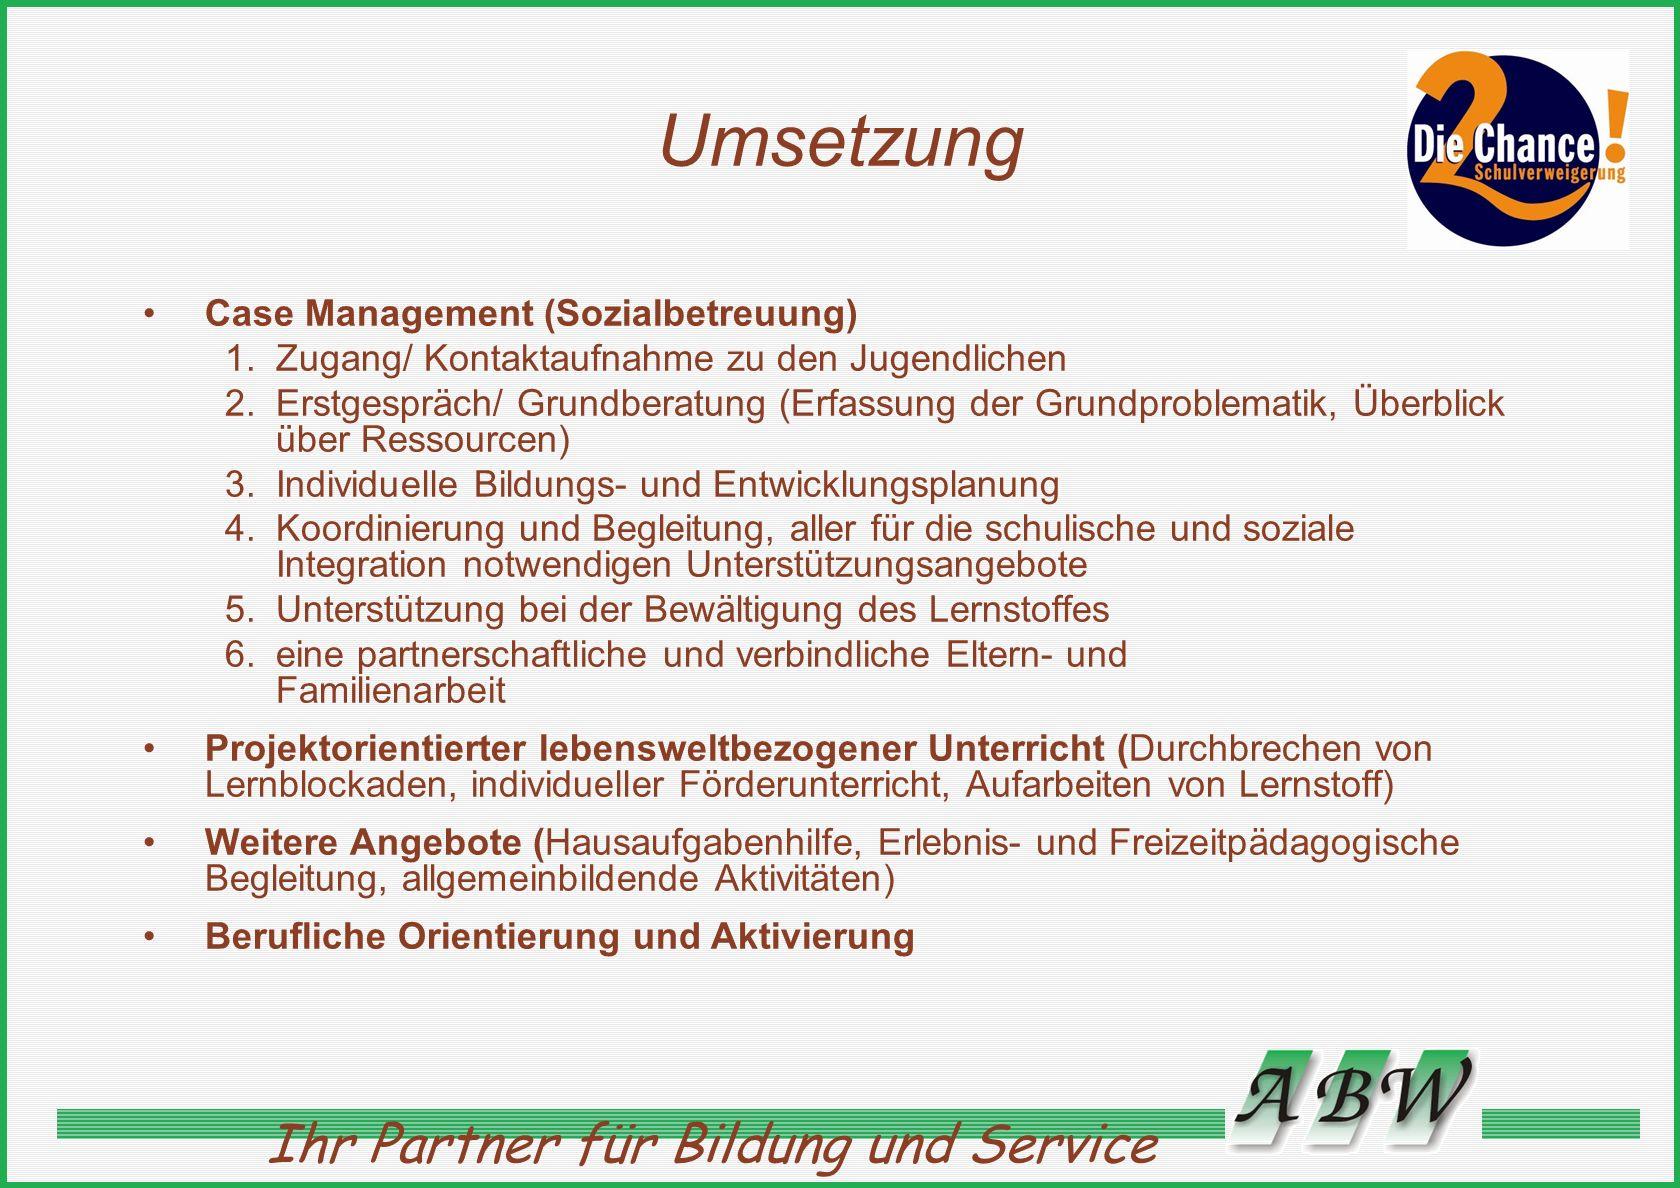 Umsetzung Case Management (Sozialbetreuung)